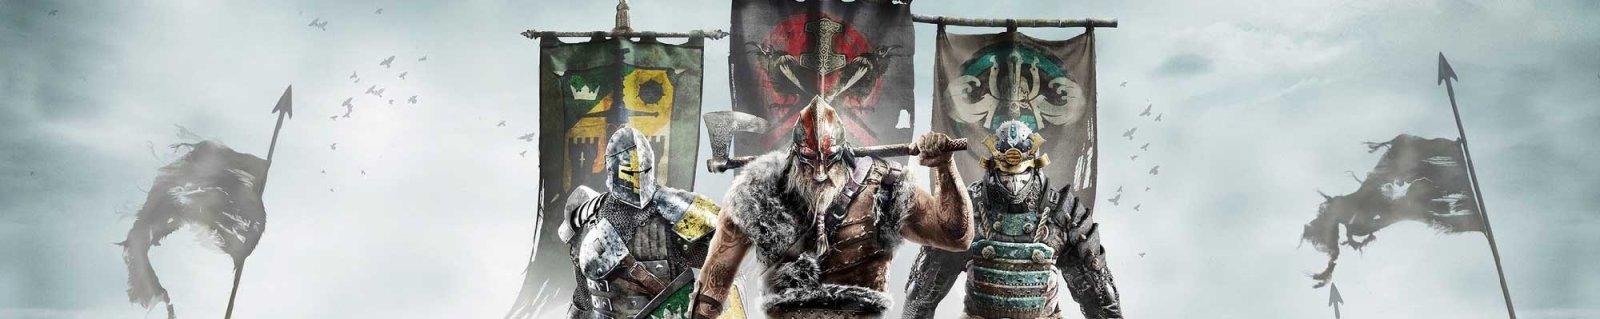 官方中文宣传片:《荣耀战魂》的三位新战士